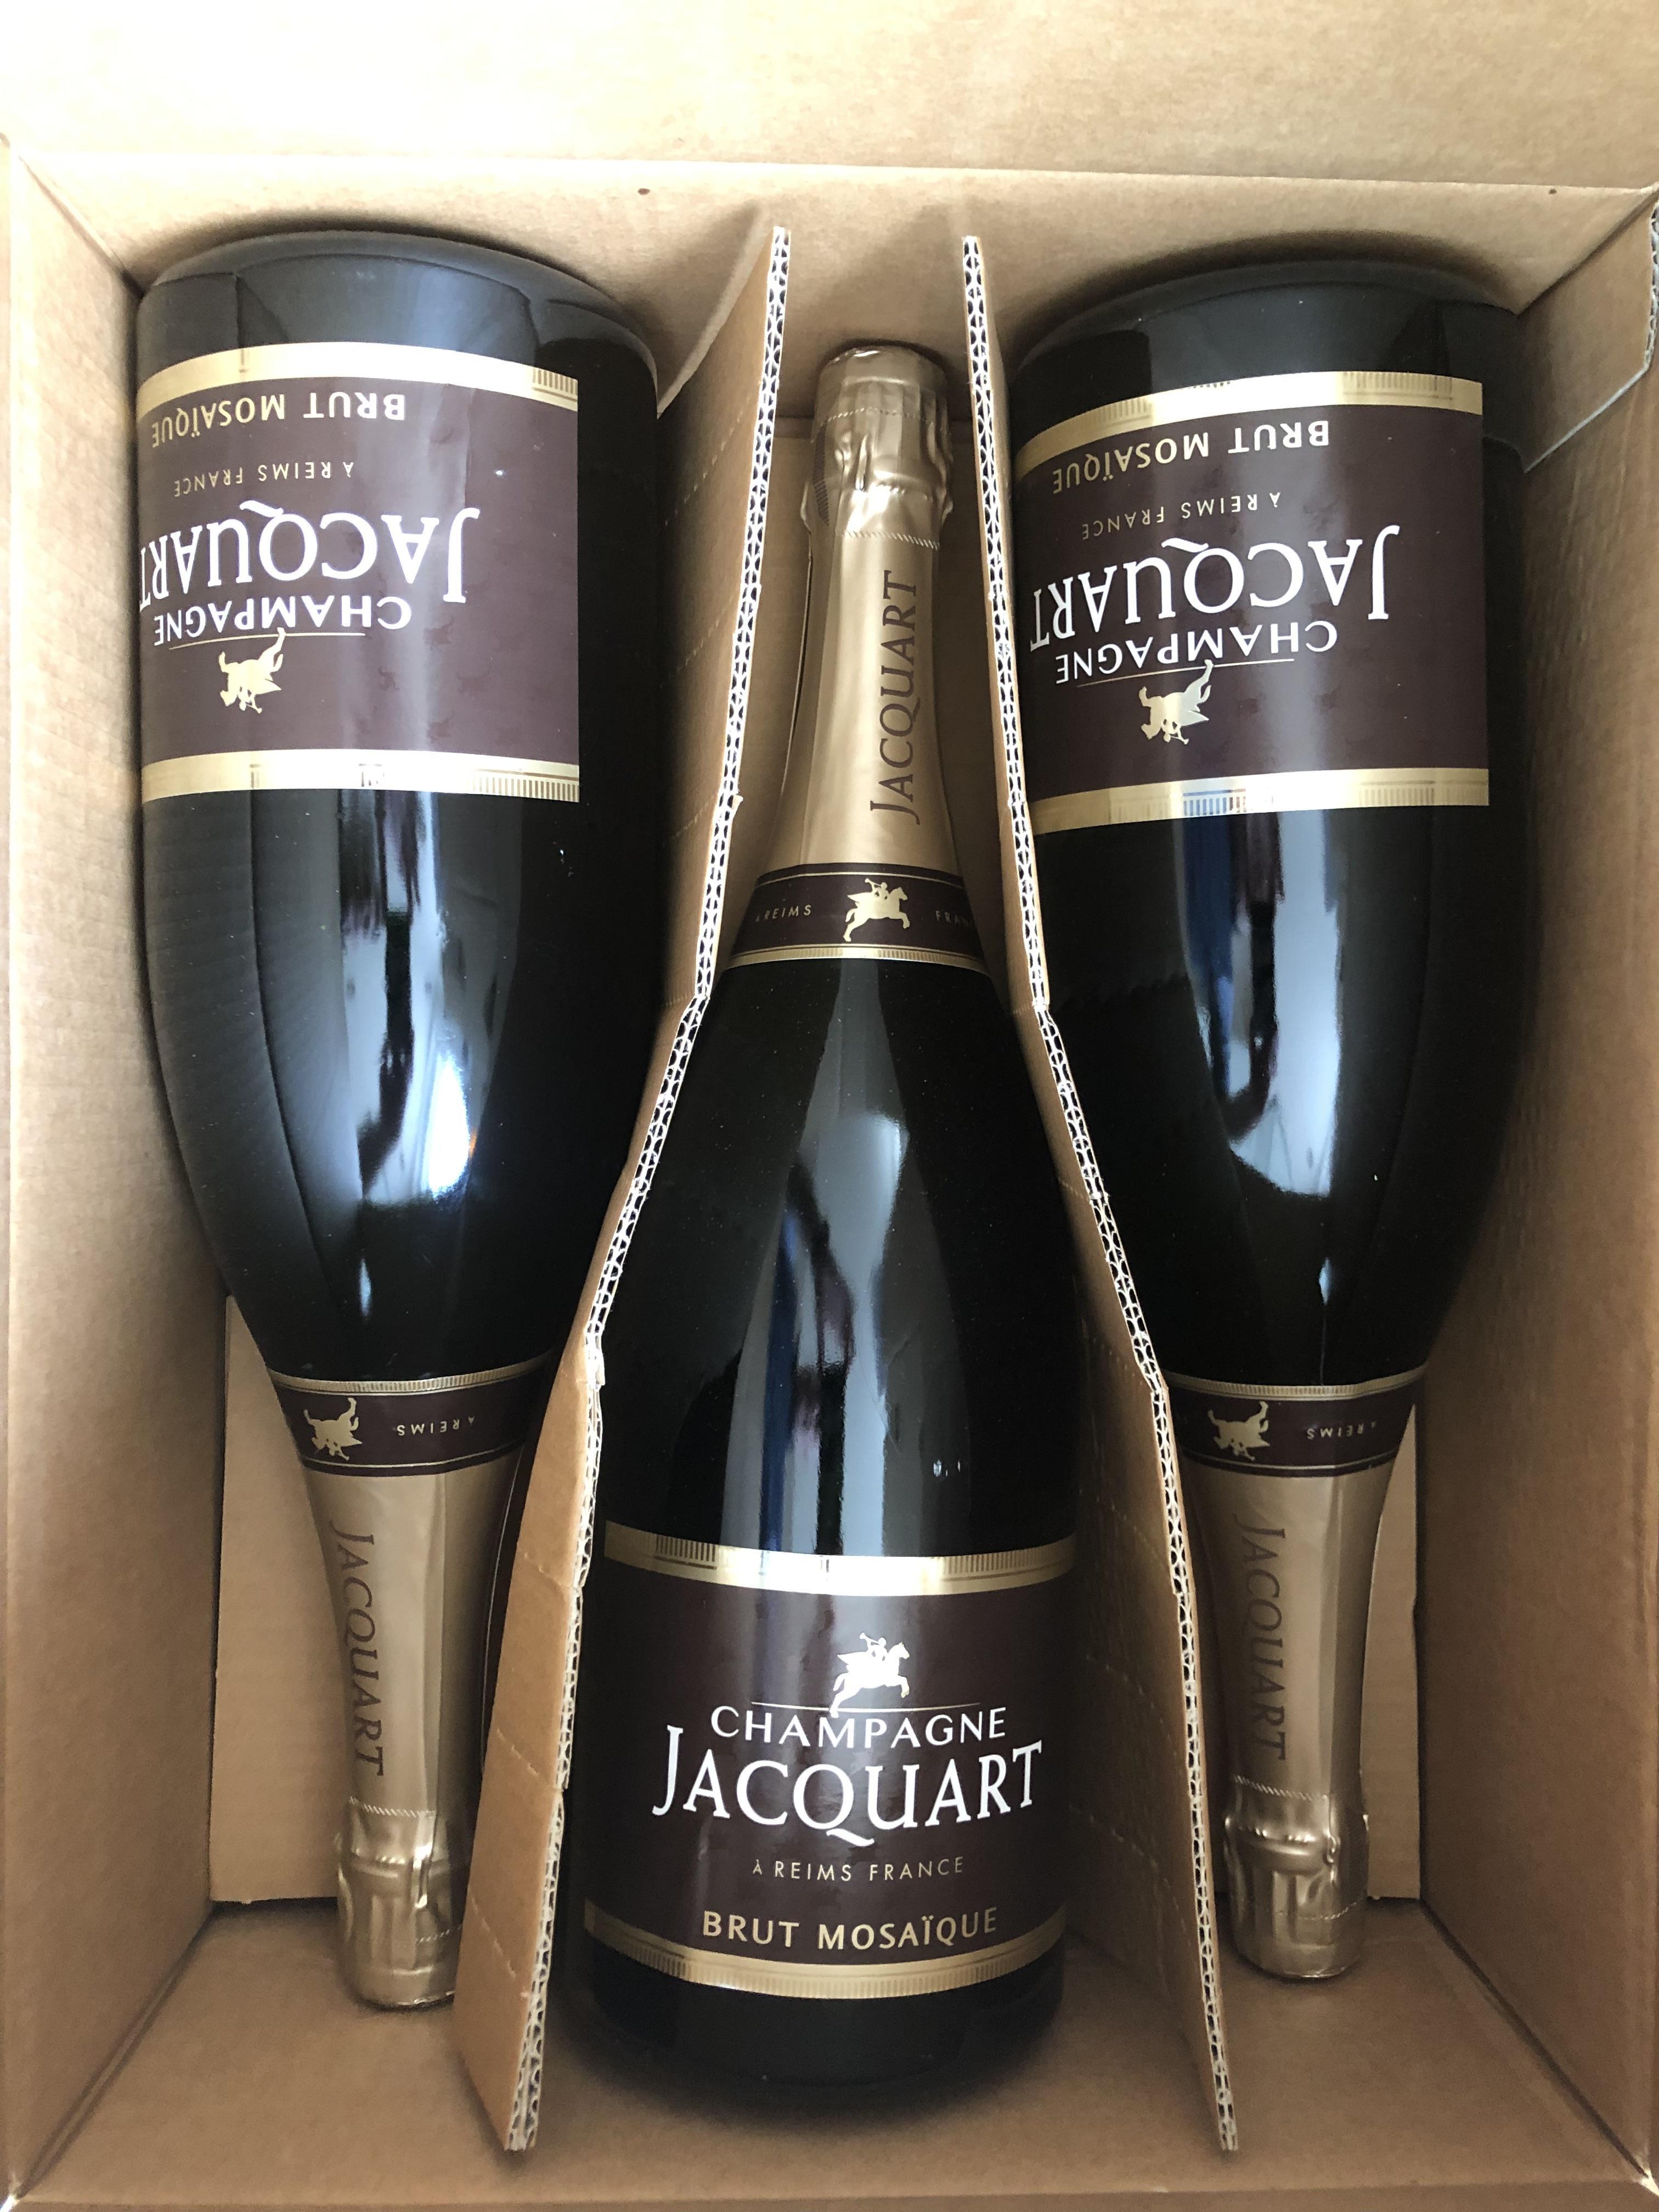 Lot 29 - NV Brut Mosaique, Jacquart, Champagne, France, 3 magnums